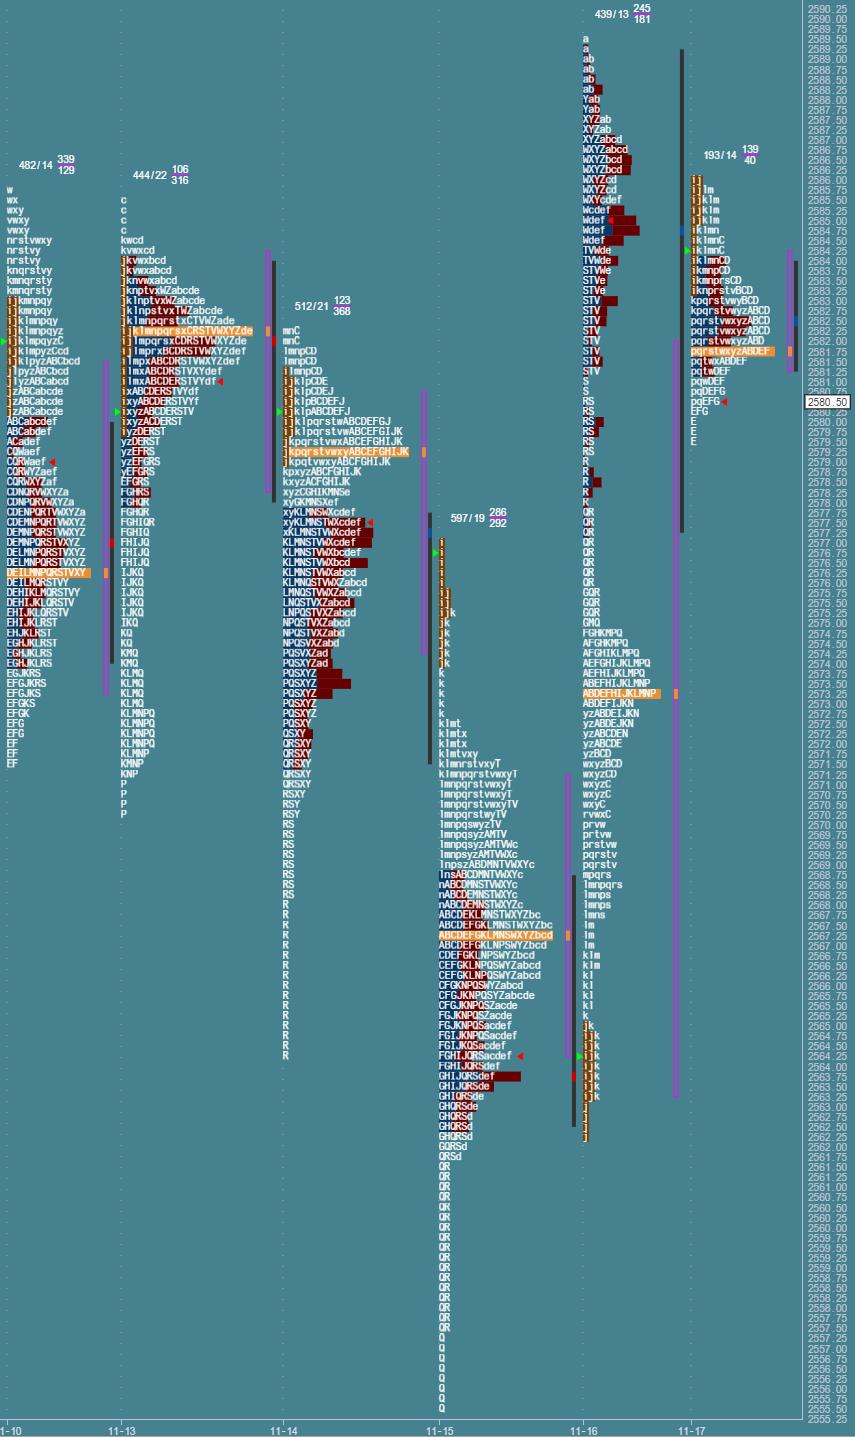 Przygotowane do sesji: market profile z 17 listopada